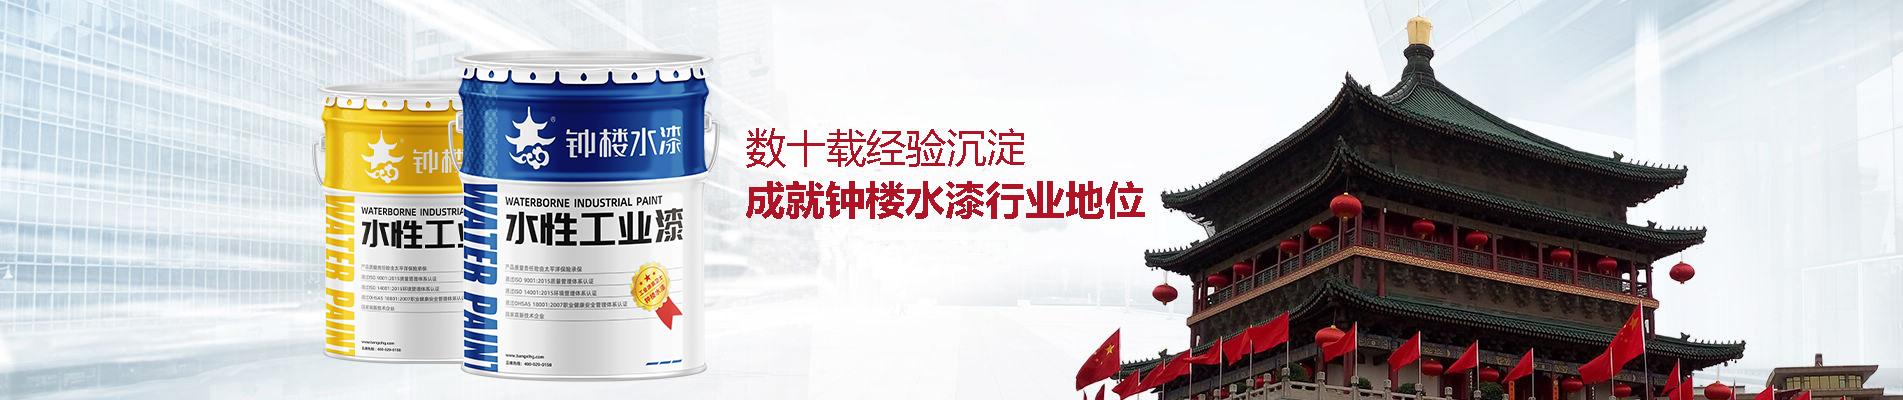 陕西邦希化工有限公司【官网】西安bwin必赢下载手机客户端工业漆|木器漆|钢结构漆|金属漆|bwin必赢下载手机客户端树脂